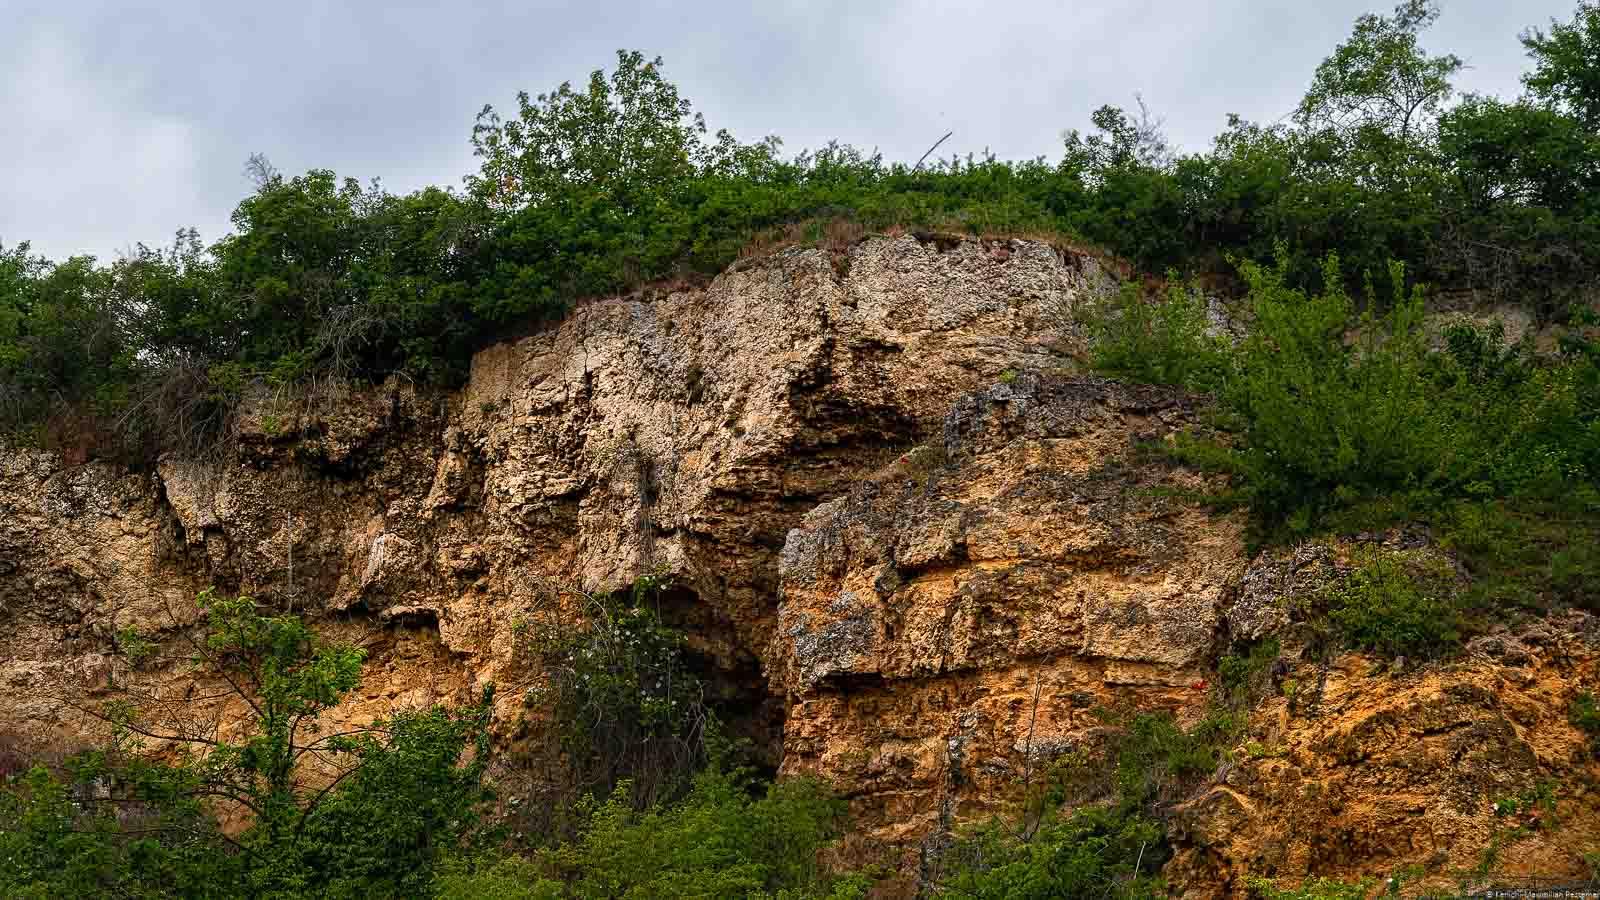 Auf dem Bild erkennt man ein Muschelkalkmassiv in der Weinregion Pfalz beim Ort Kallstadt. Auf dem Massiv sind Büsche. Oben sind Wolken am dunklen Himmel.